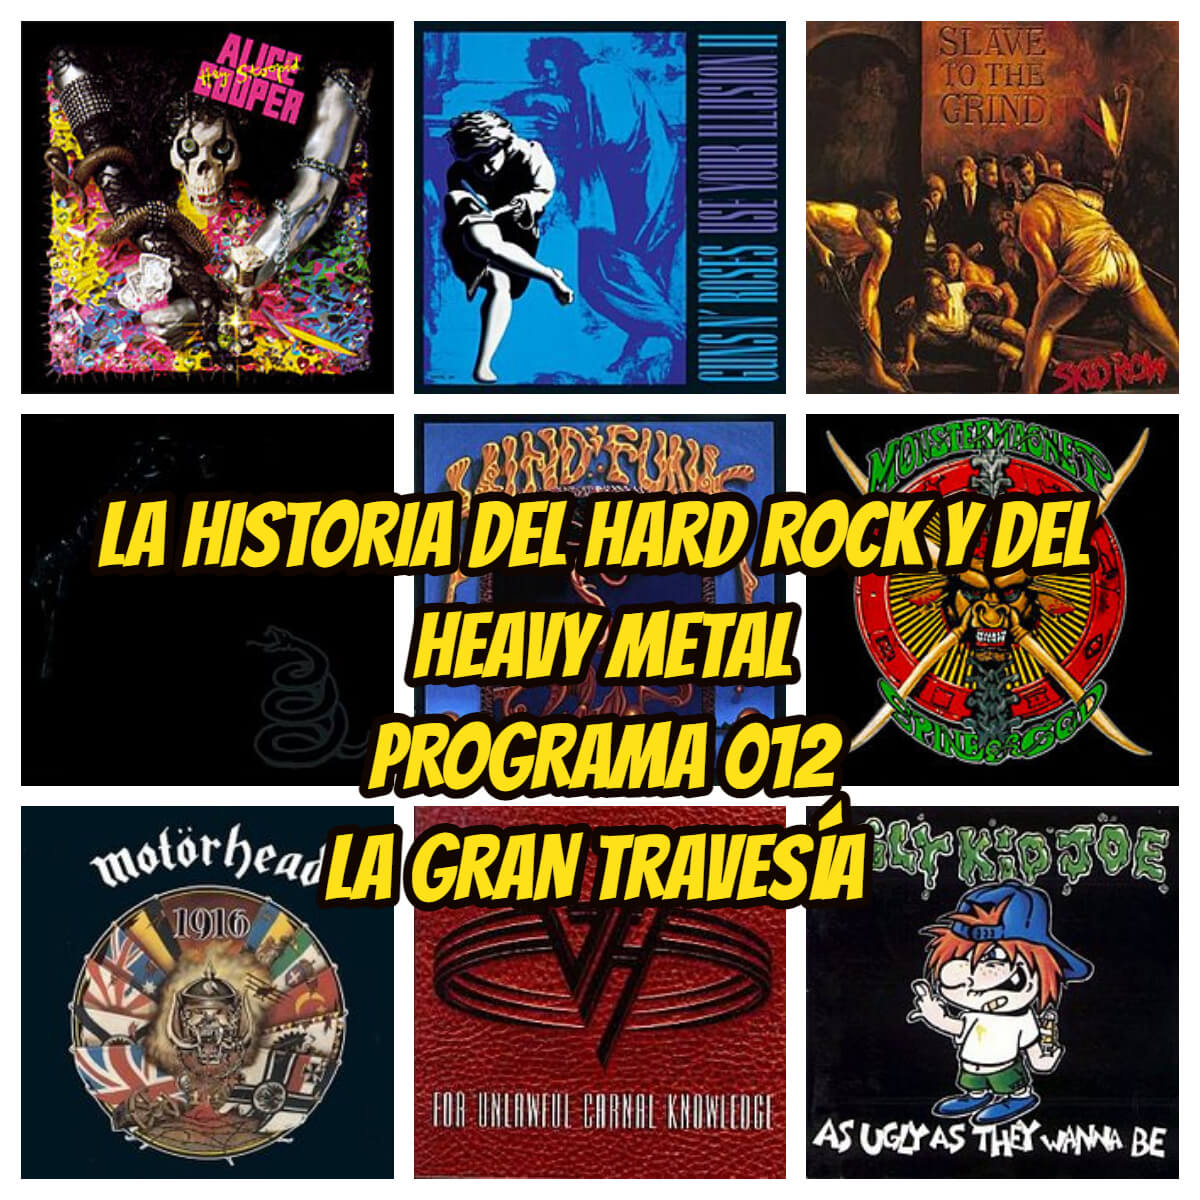 la-historia-del-hard-rock-y-heavy-metal-1991-la-gran-travesia-radio-free-rock